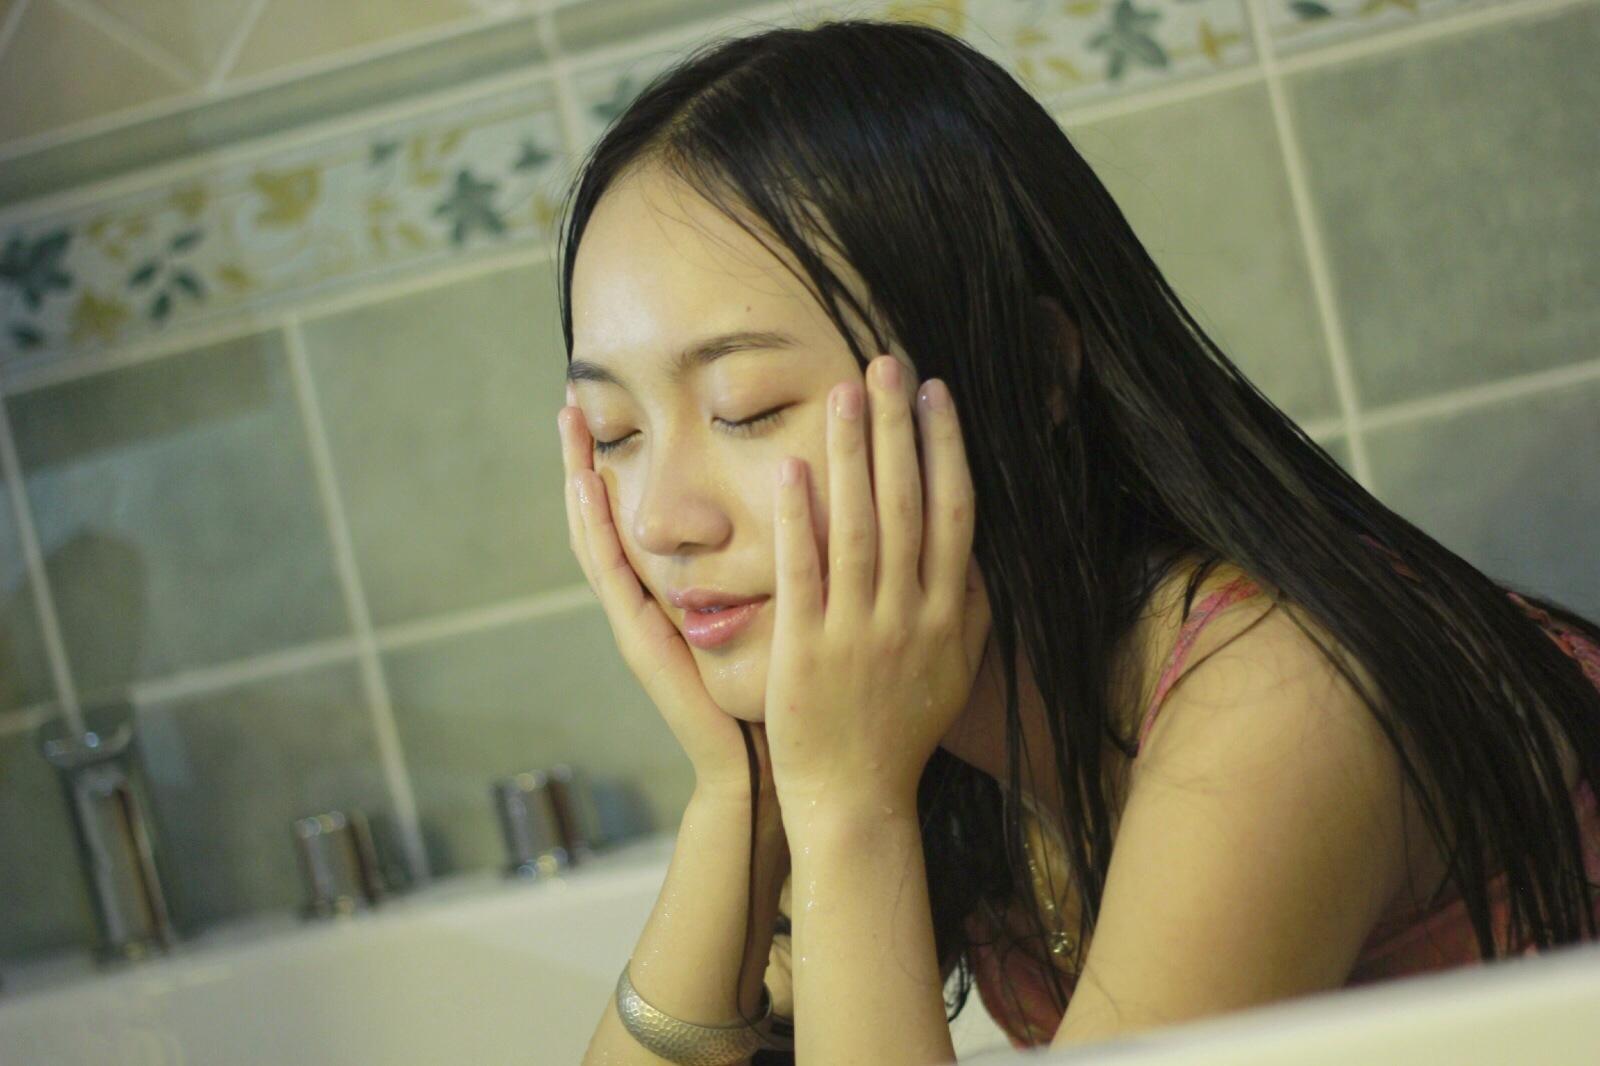 淫色伦理电影_gg-246 稻川夏目 禁断介护   在线看片 av伦理电影成人a片播放专区